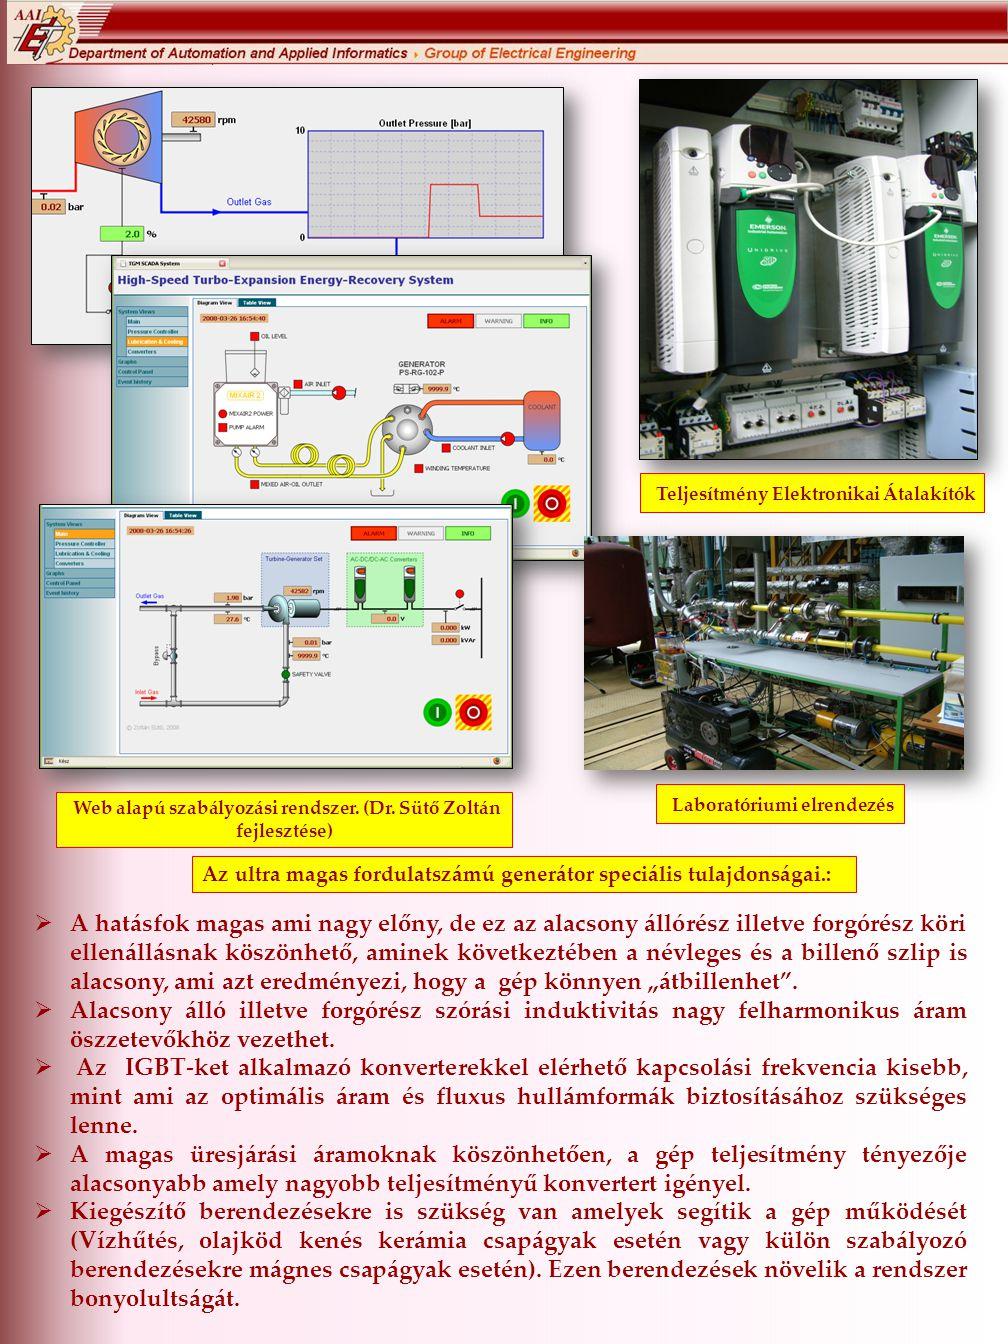 Teljesítmény Elektronikai Átalakítók Laboratóriumi elrendezés